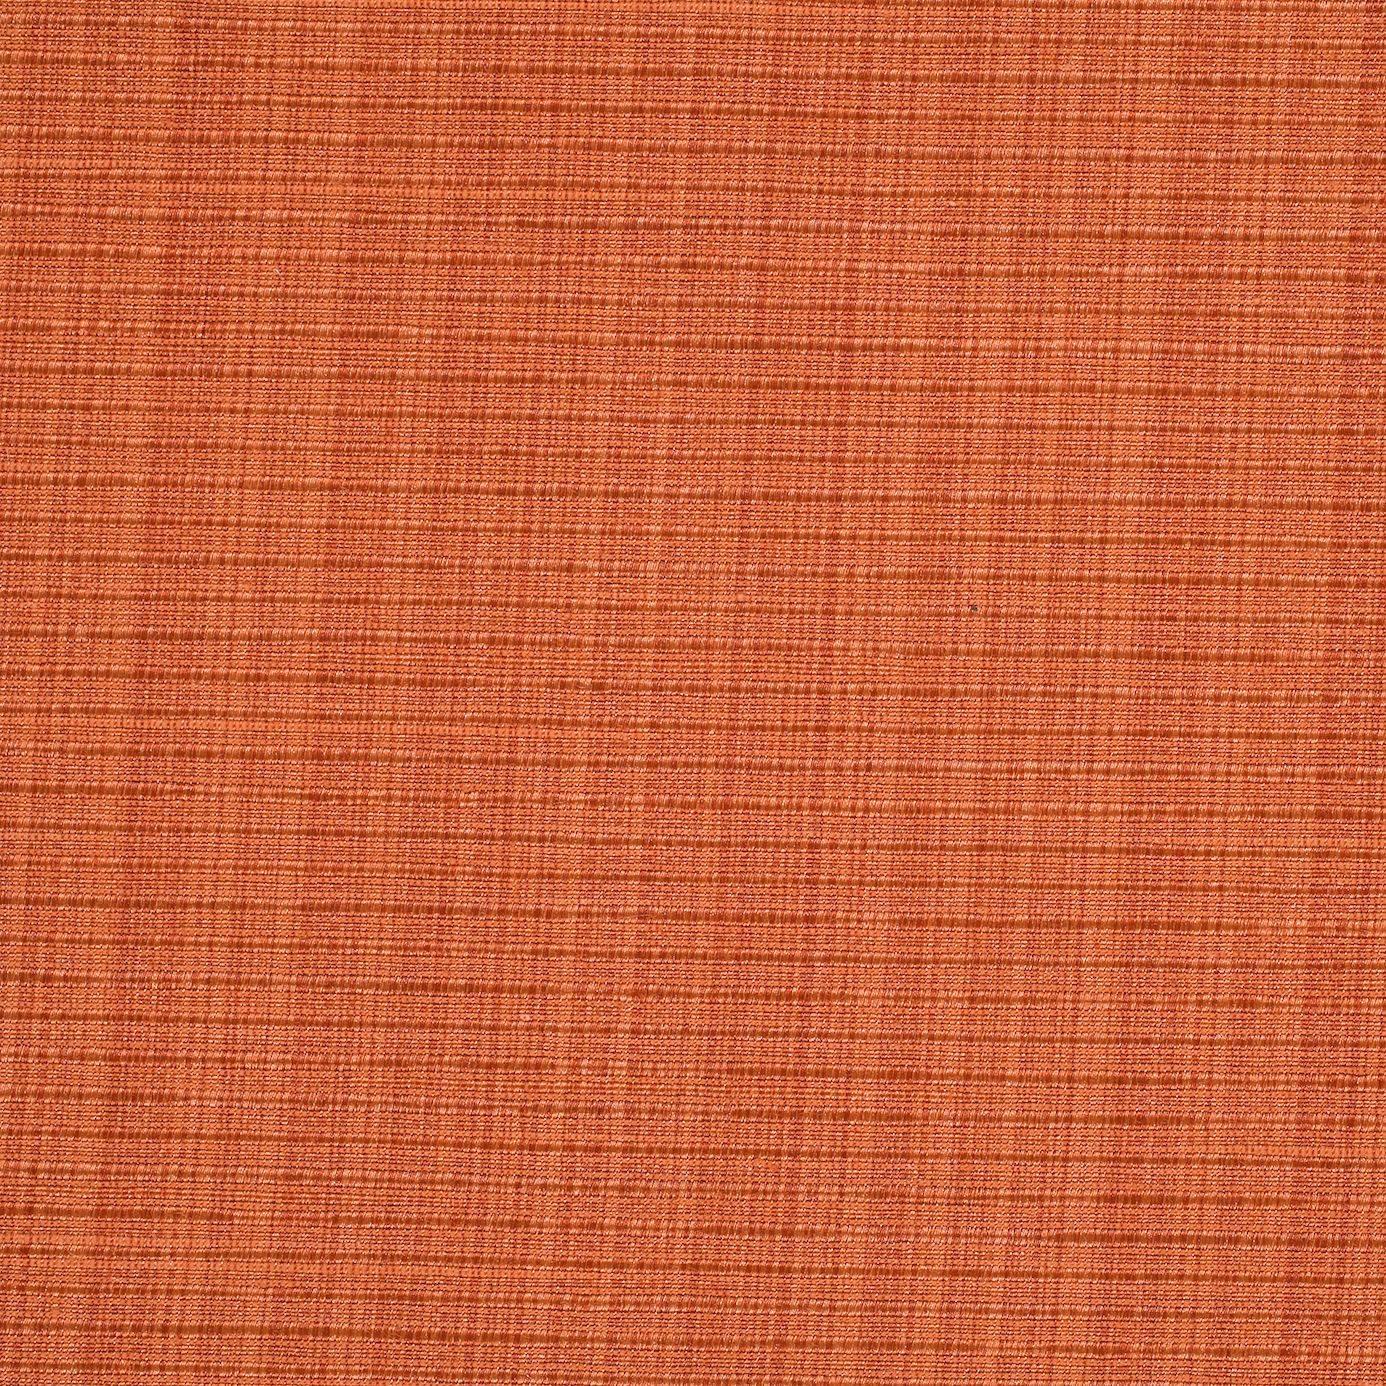 Plains Four Fabric Pumpkin 140746 Scion Plains Four